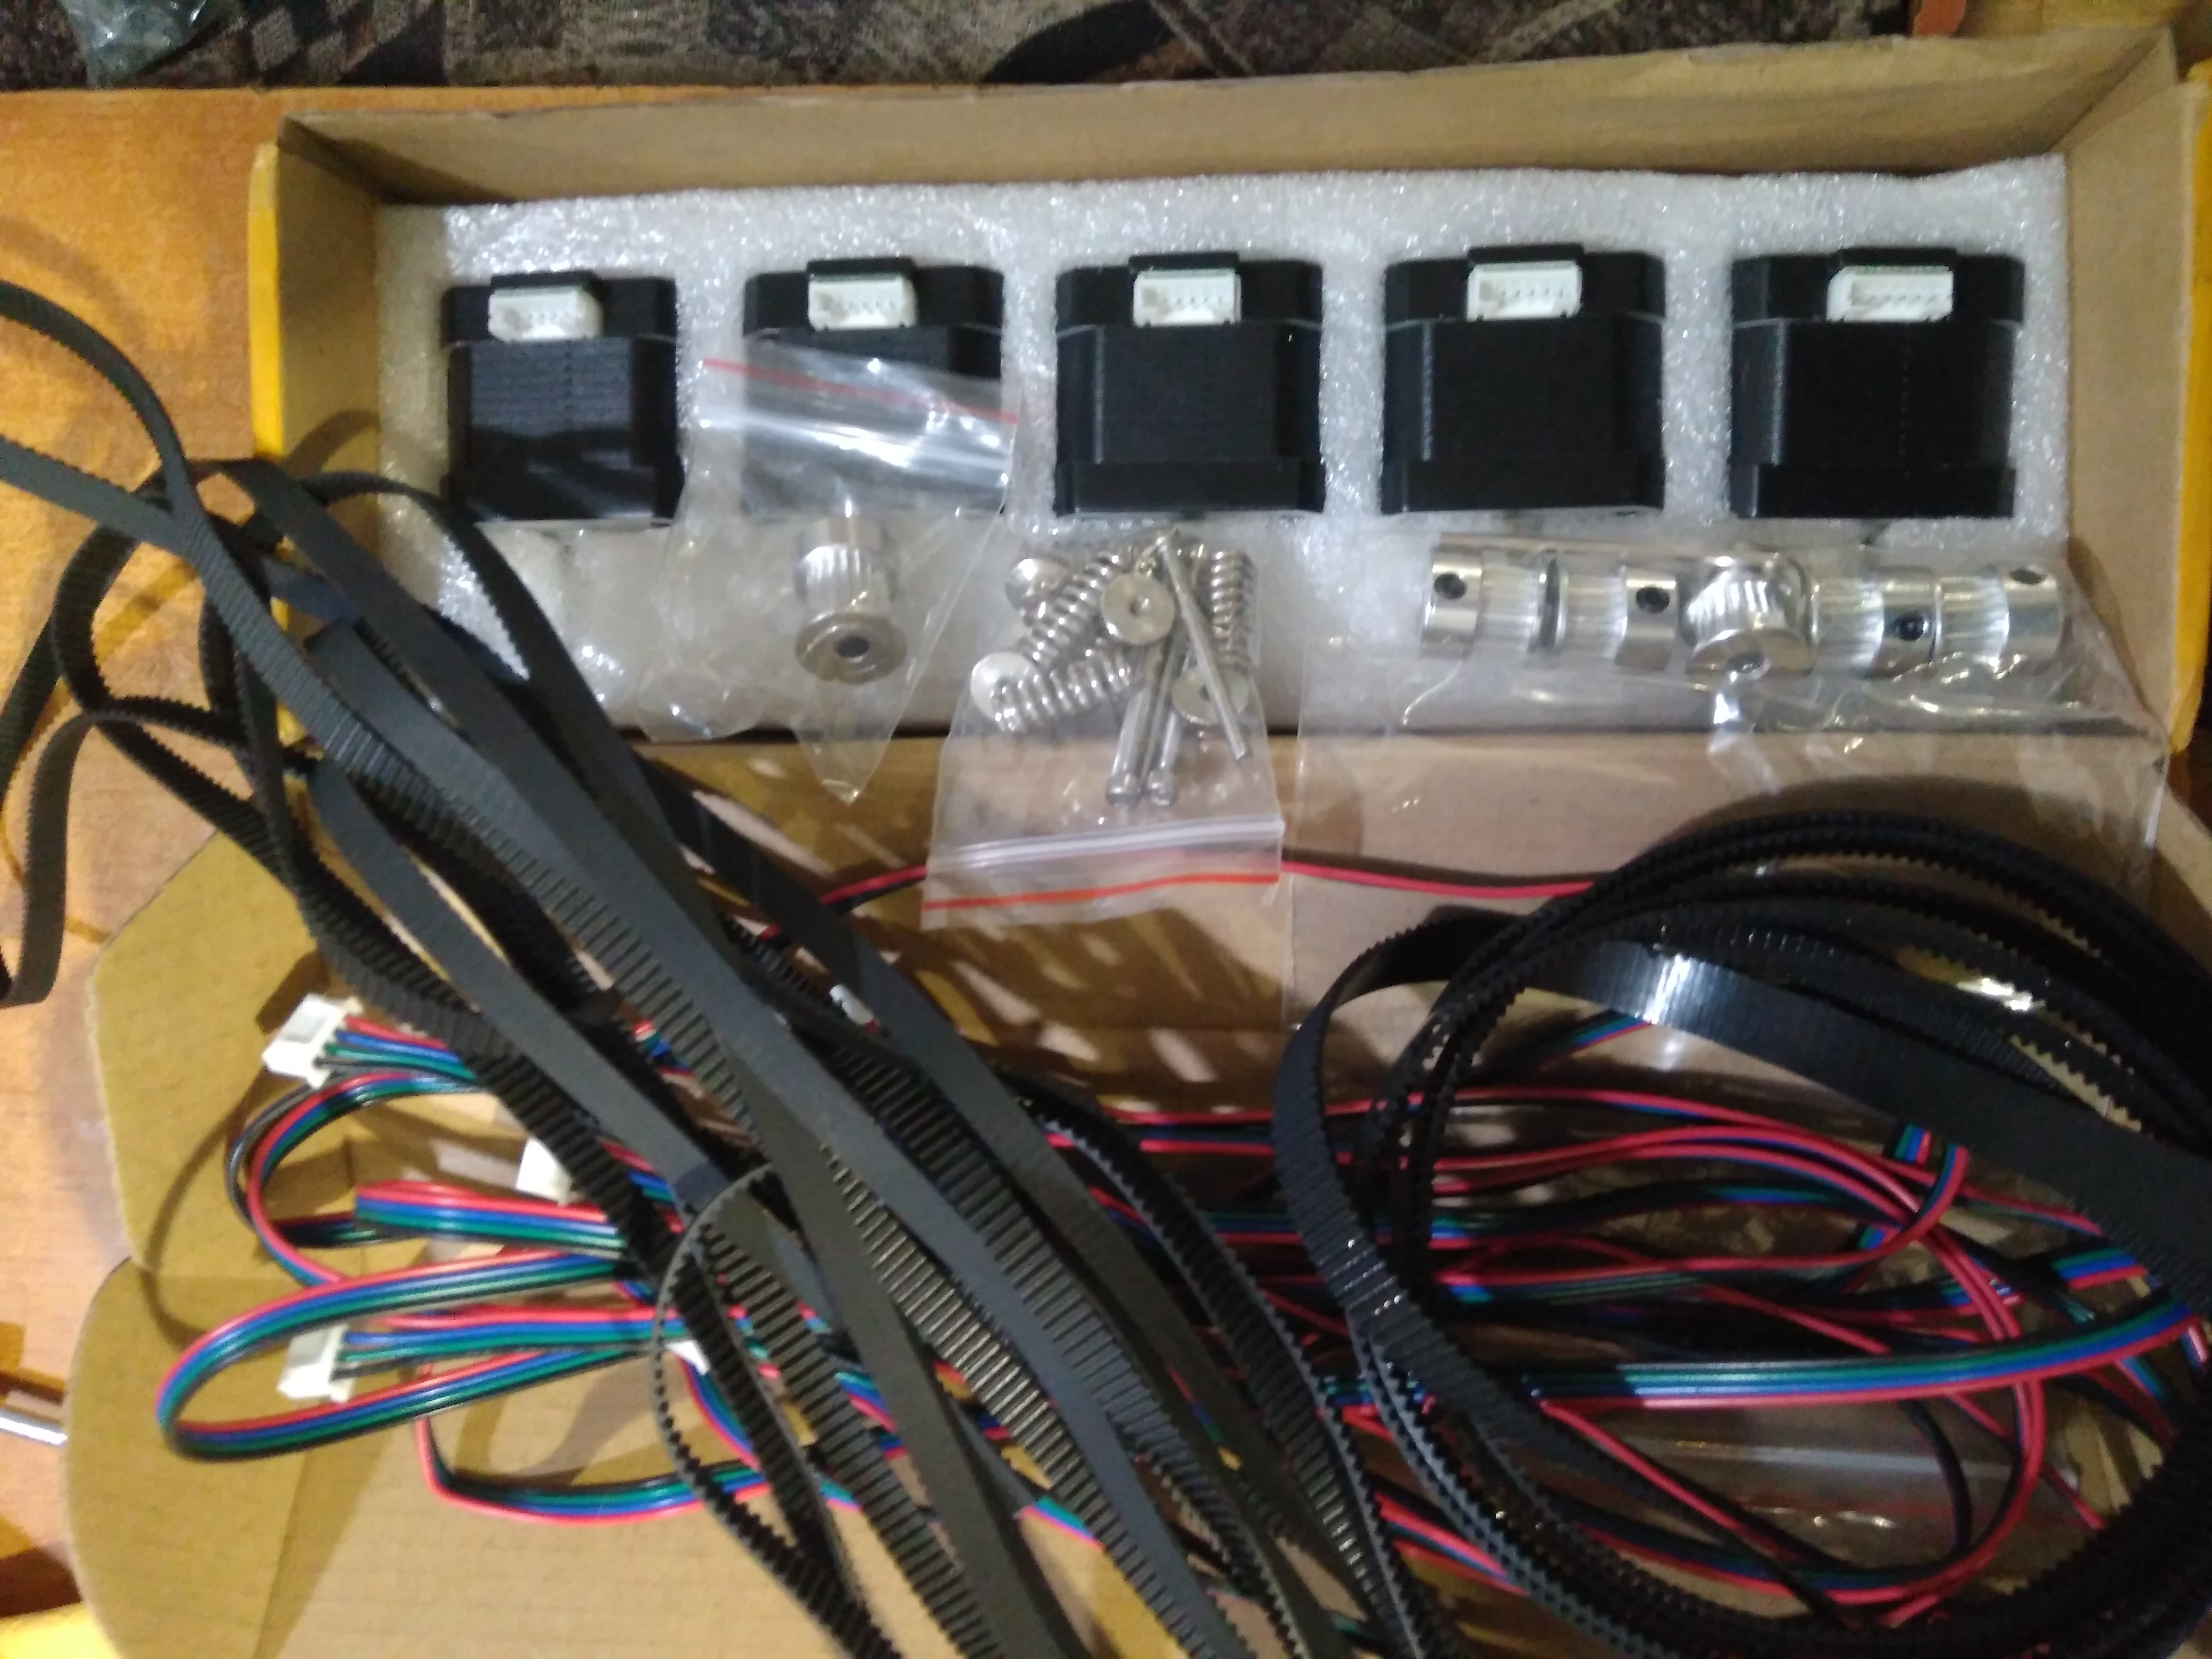 3d printer motor 4 lead Nema17 Stepper Motor 42 motor Nema 17 motor 42BYGH 1.5A (17HS4401) motor for CNC XYZ